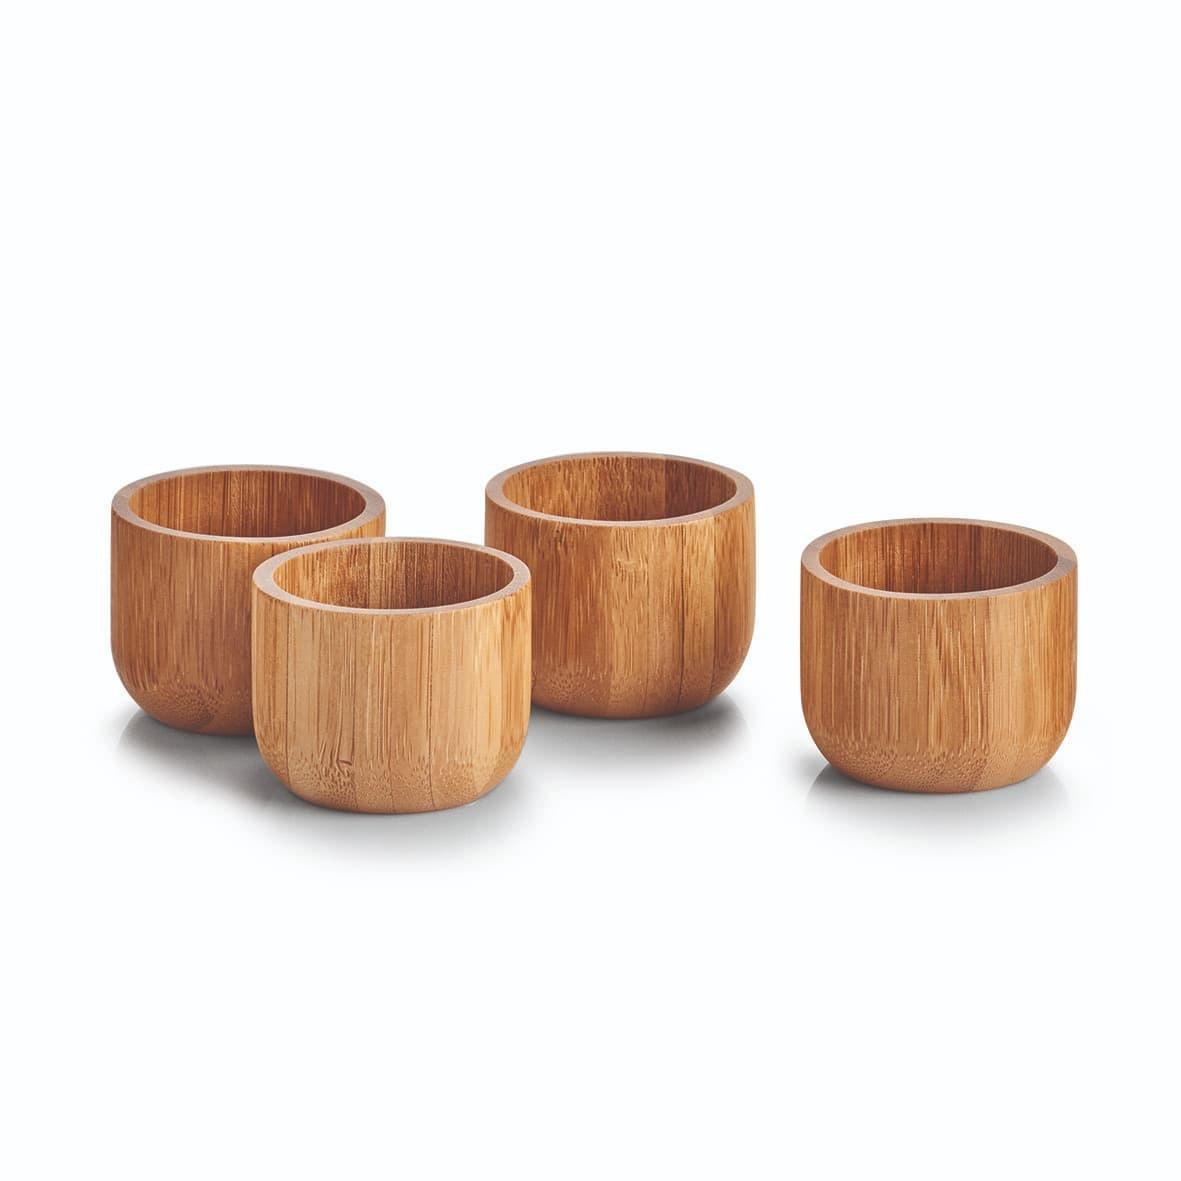 Set suport pentru oua din bambus, Bamboo Natural, 4 bucati, Ø5xH4 cm poza